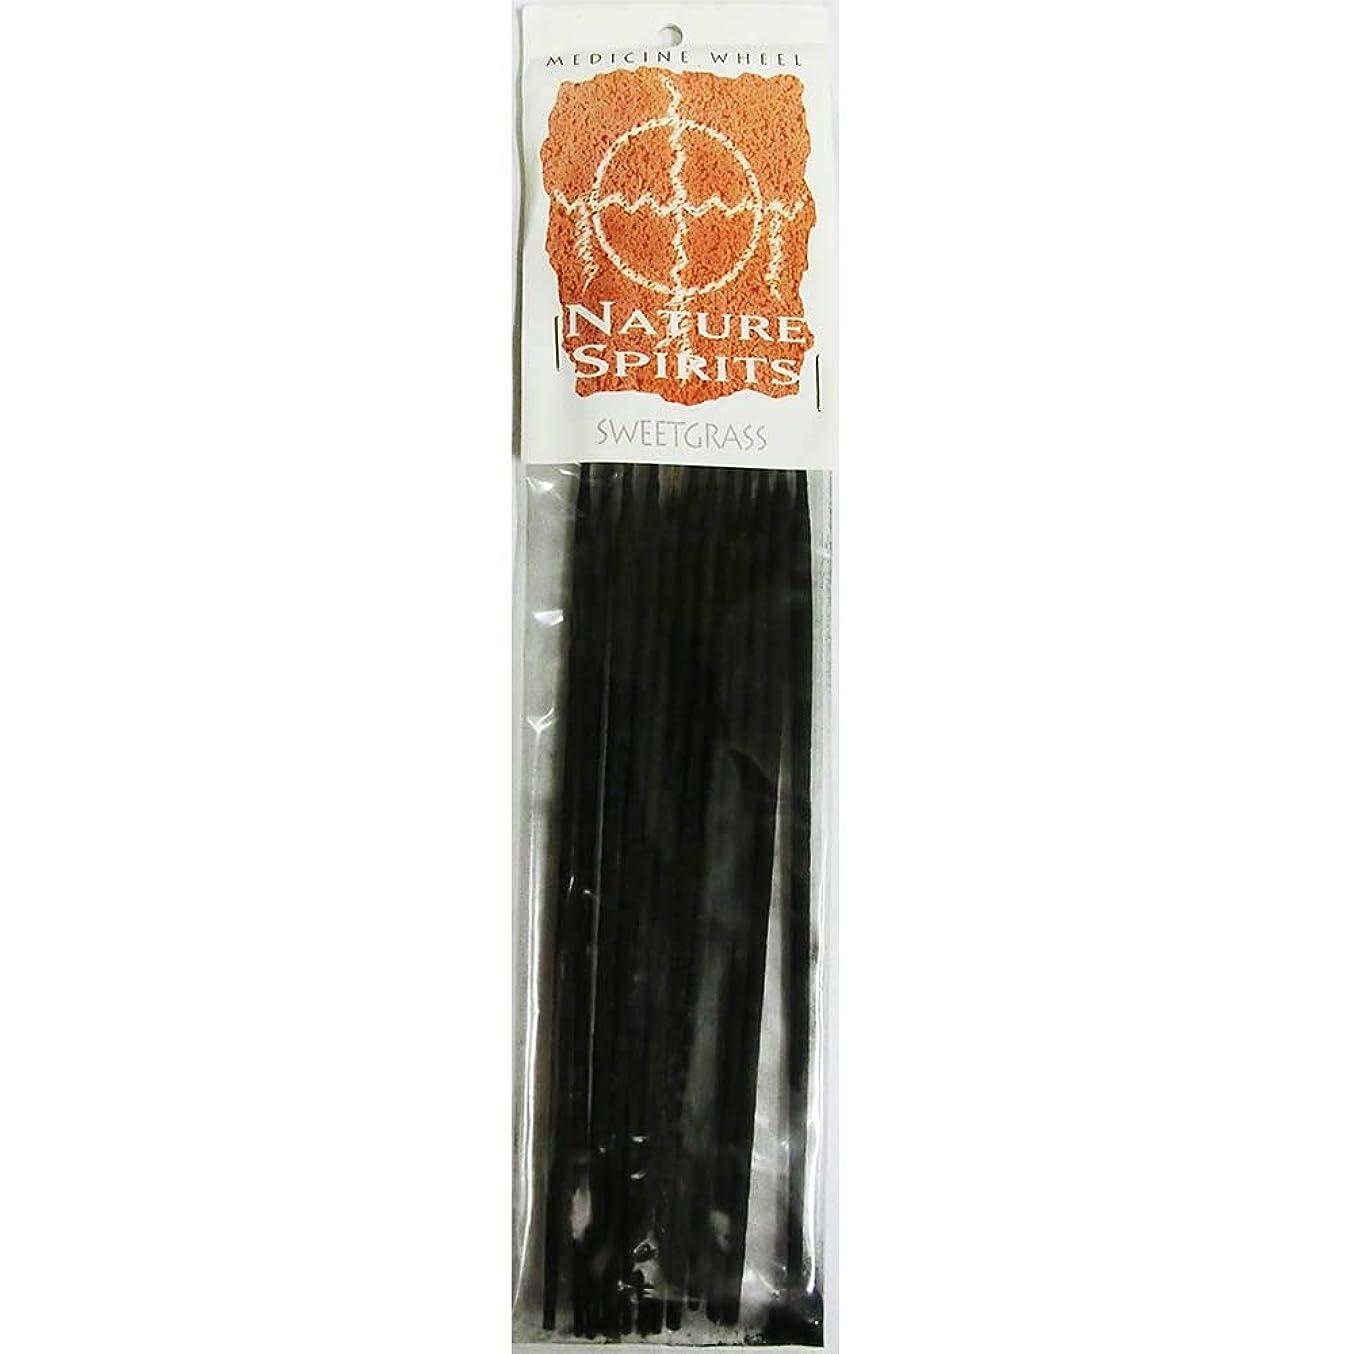 解く罰するプラスチックお香 Medicine Wheel Nature Spirit Sweetgrass インセンス 魔法のお香